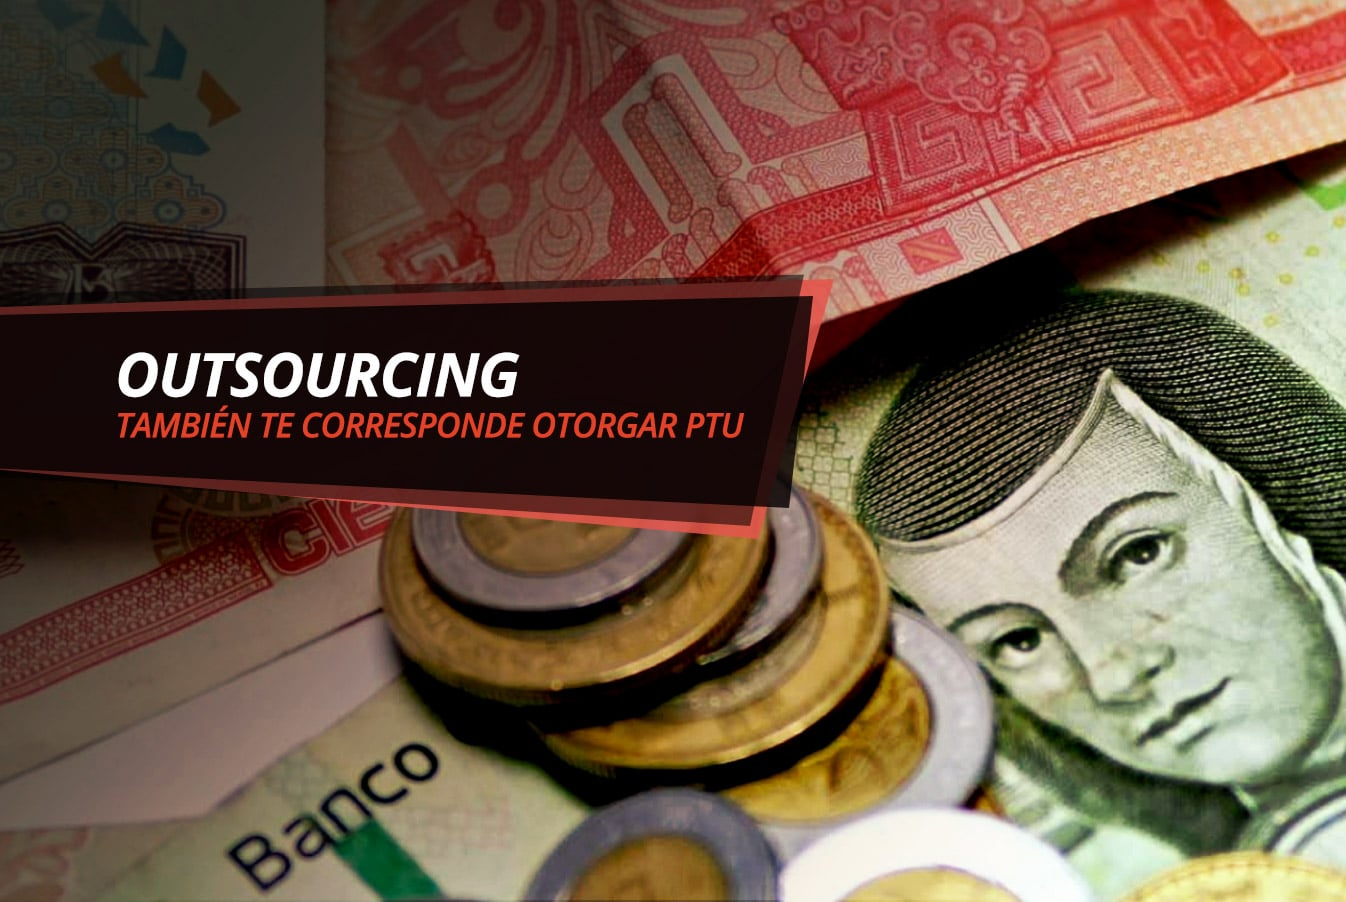 Con la reforma del 2012 , se integró la obligación de las empresas que trabajan con Outsourcing, el reparto de utilidades a trabajadores de esta modalidad